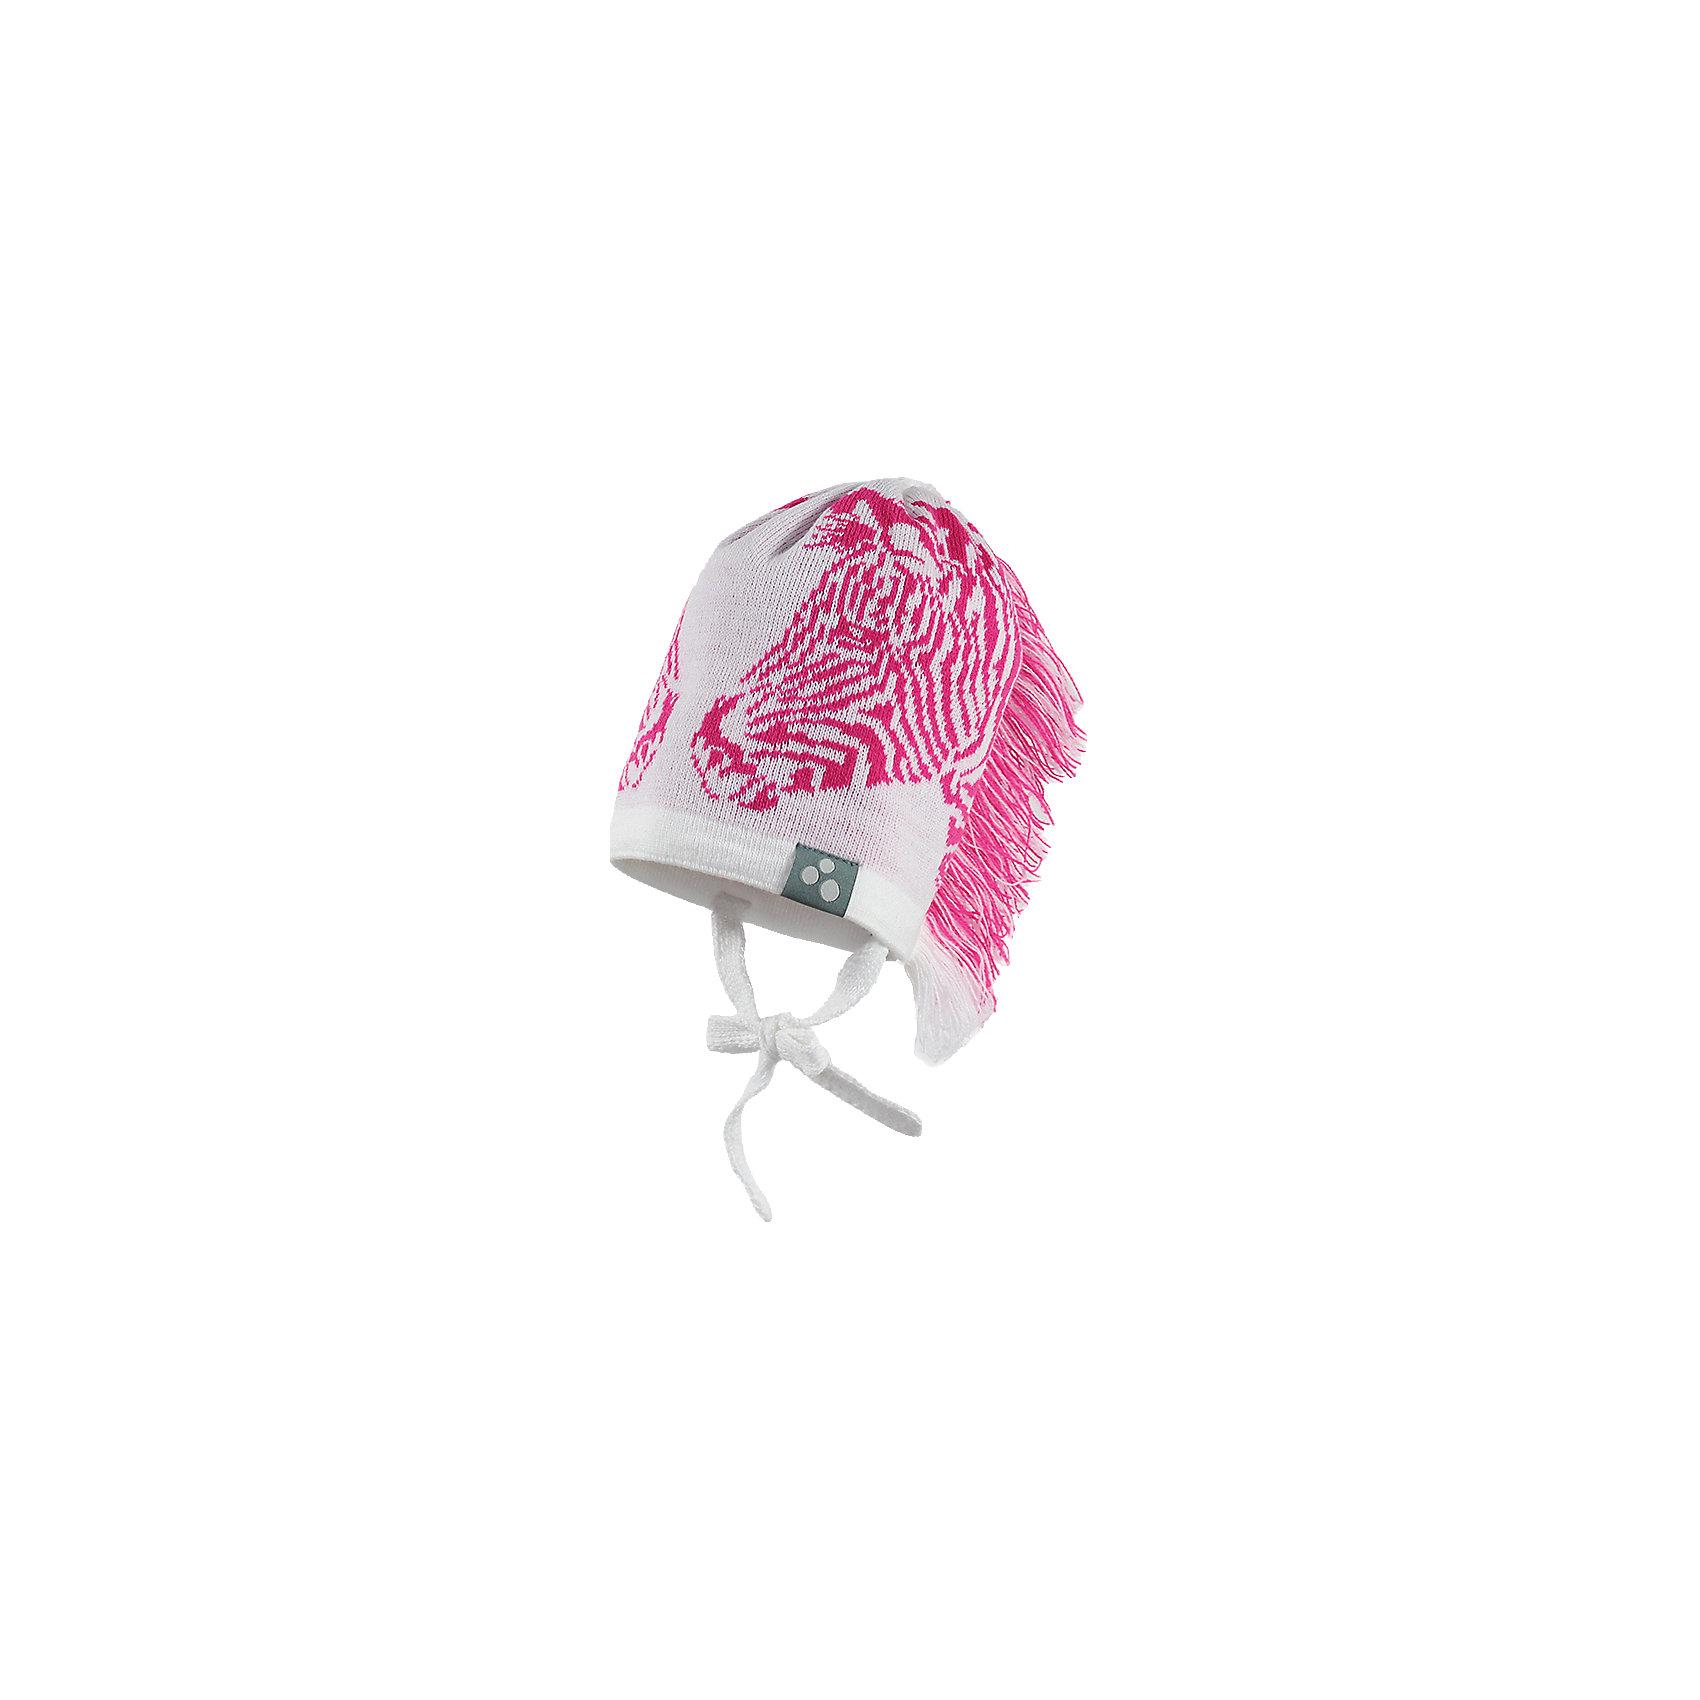 Шапка  HuppaГоловные уборы<br>Необычная зимняя шапка Zebra от Huppa(хуппа) непременно удивит и понравится ребенку и окружающим. Шапка изготовлена из шерсти и акрила, с подкладкой из хлопка, имеет 2 завязки. Оригинальный дизайн с зеброй и хвостиком идеально подойдут для ребенка.<br><br>Дополнительная информация:<br>Цвет: белый/розовый<br>Материал: 50% мериносовая шерсть, 50% акрил<br><br><br>Шапку Huppa(хуппа) вы можете купить в нашем интернет-магазине.<br><br>Ширина мм: 89<br>Глубина мм: 117<br>Высота мм: 44<br>Вес г: 155<br>Цвет: белый<br>Возраст от месяцев: 12<br>Возраст до месяцев: 24<br>Пол: Женский<br>Возраст: Детский<br>Размер: 47-49,55-57,51-53<br>SKU: 4923501